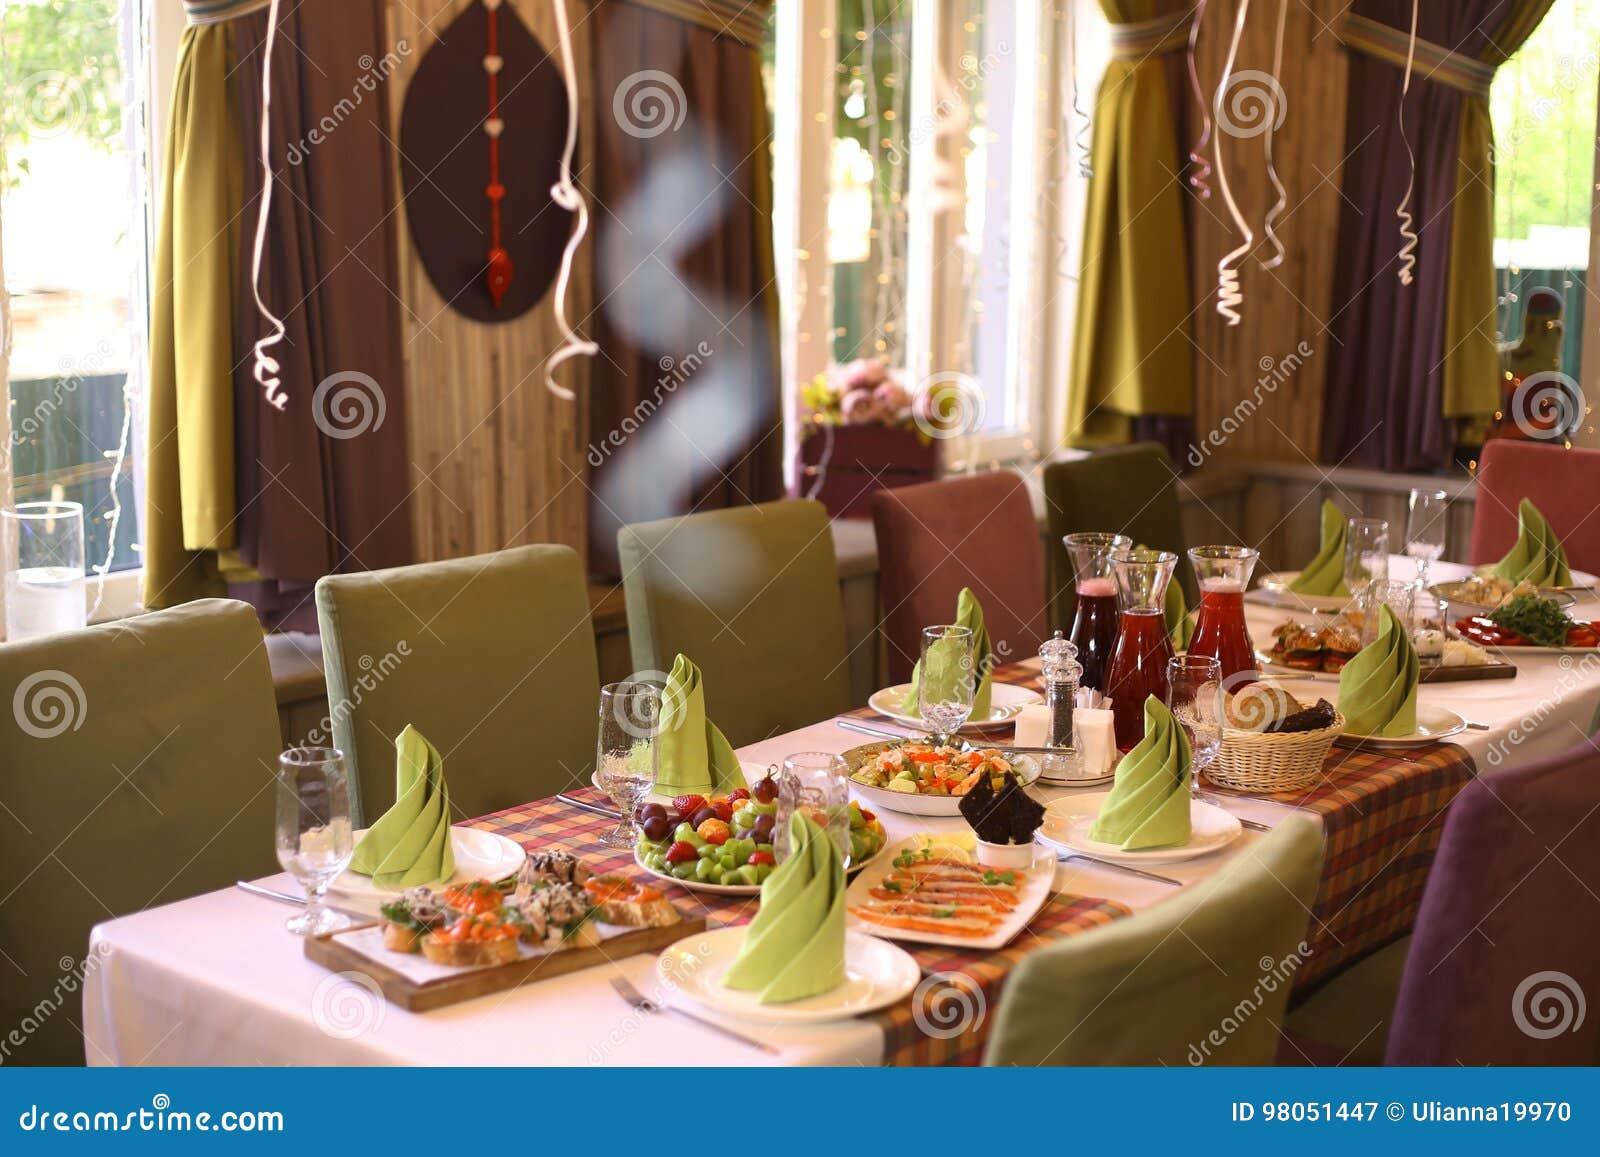 Table in kids restaurant